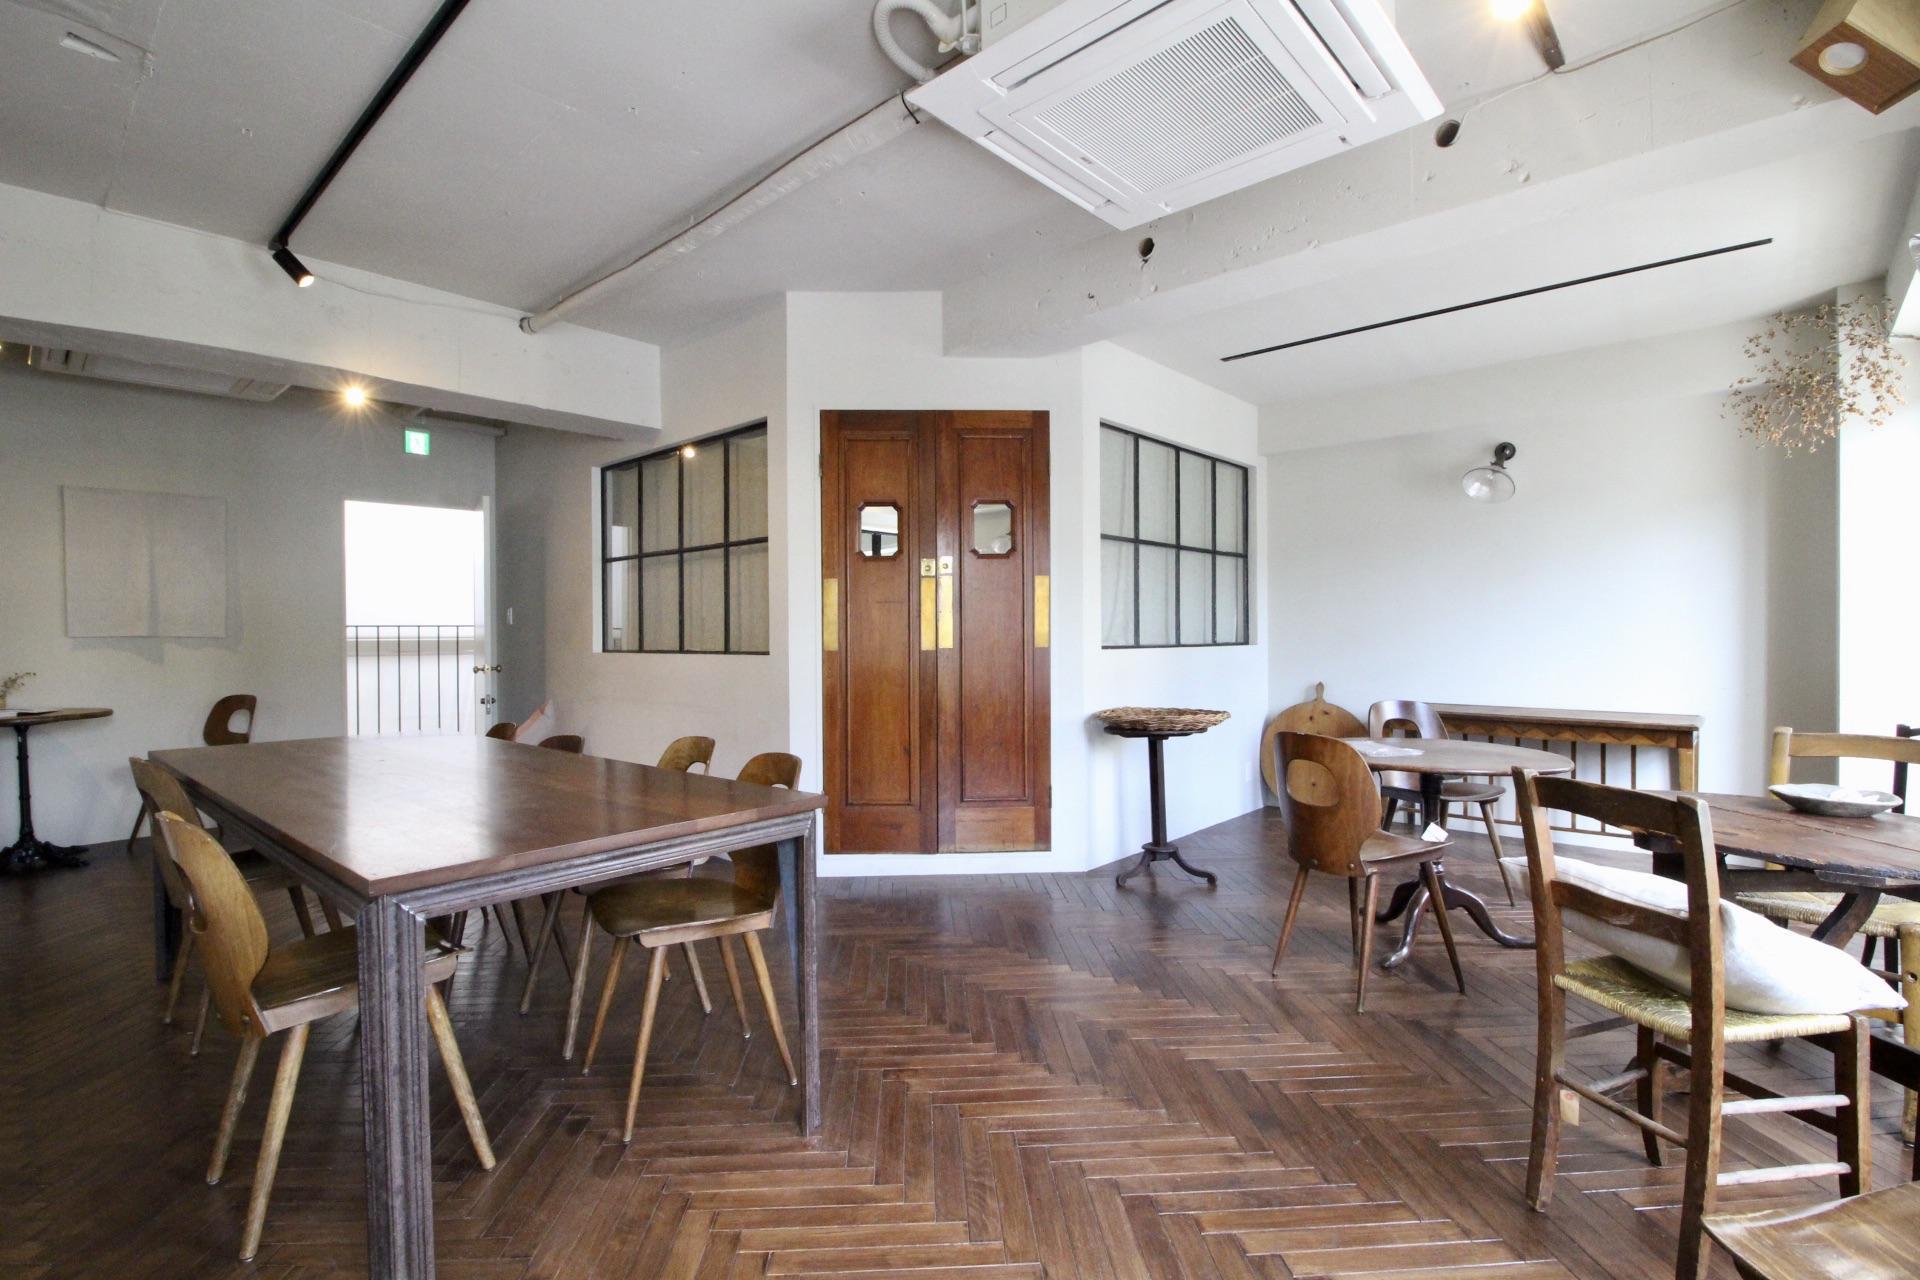 部屋の中心部、金庫のような重厚感のあるドアの中にキッチンを発見